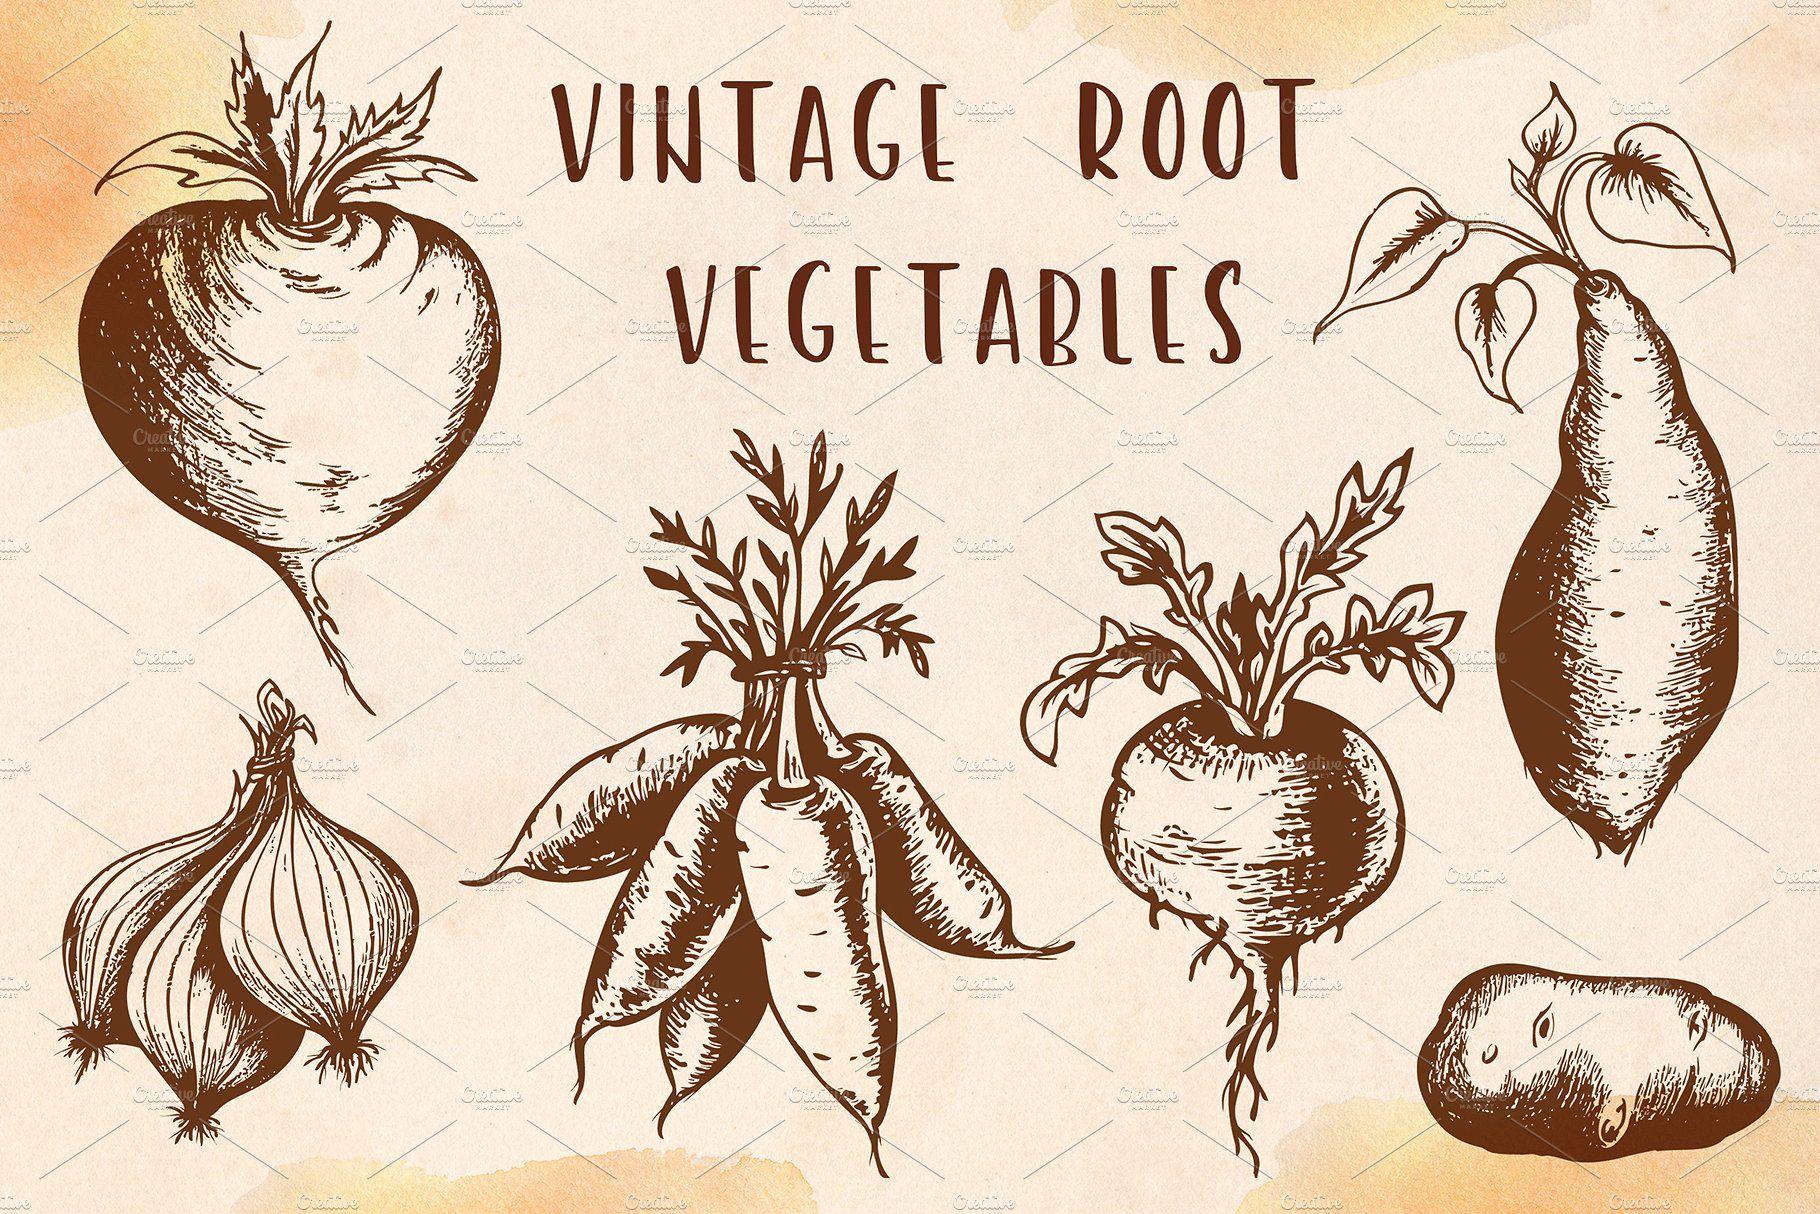 Vintage Vector Vegetables Roots Illustration Vegetable Illustration Vintage